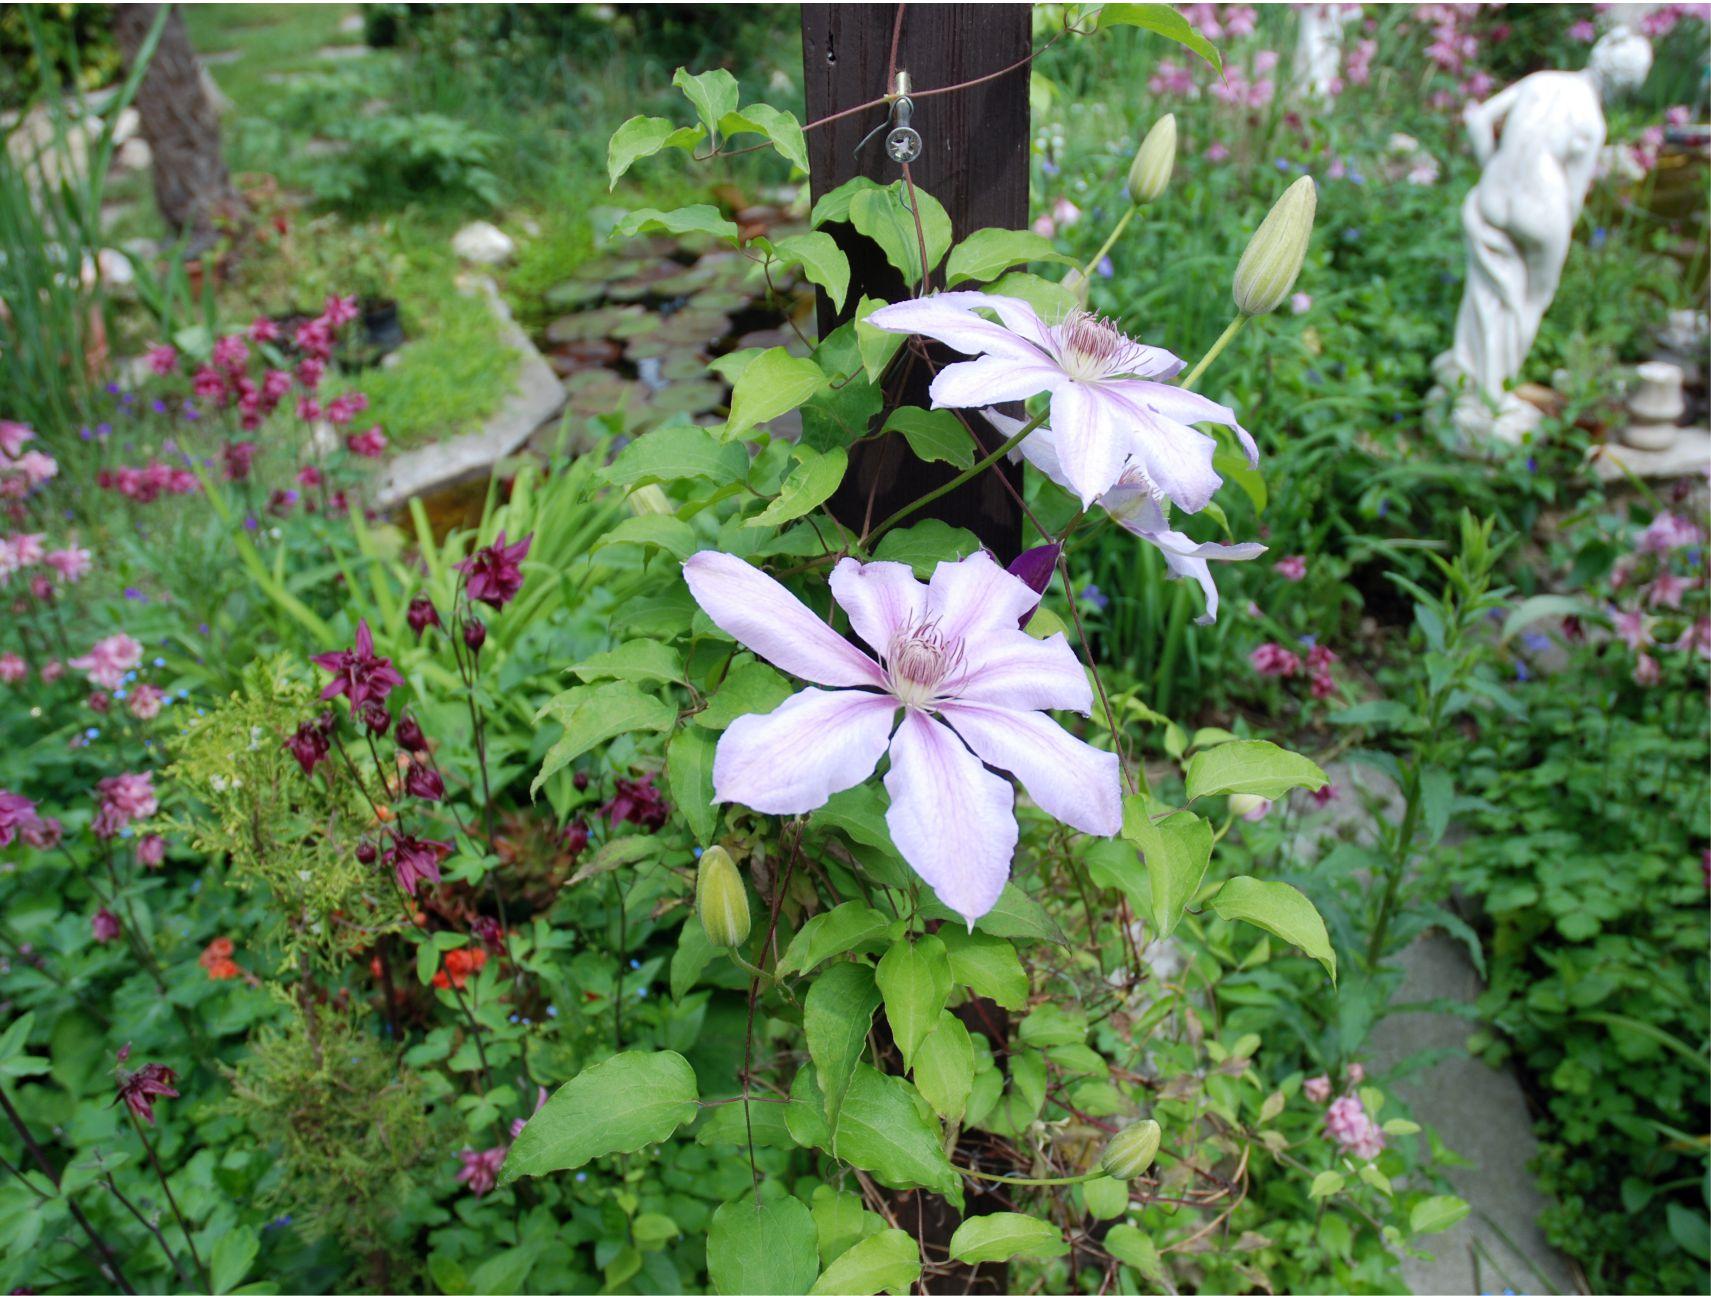 Ha az idei egyik célod az, hogy felújítod a kertedet, vagy létrehozol egy újat, tegyél a célkitűző tablódra olyan kertfotókat, amilyen kertre vágysz.